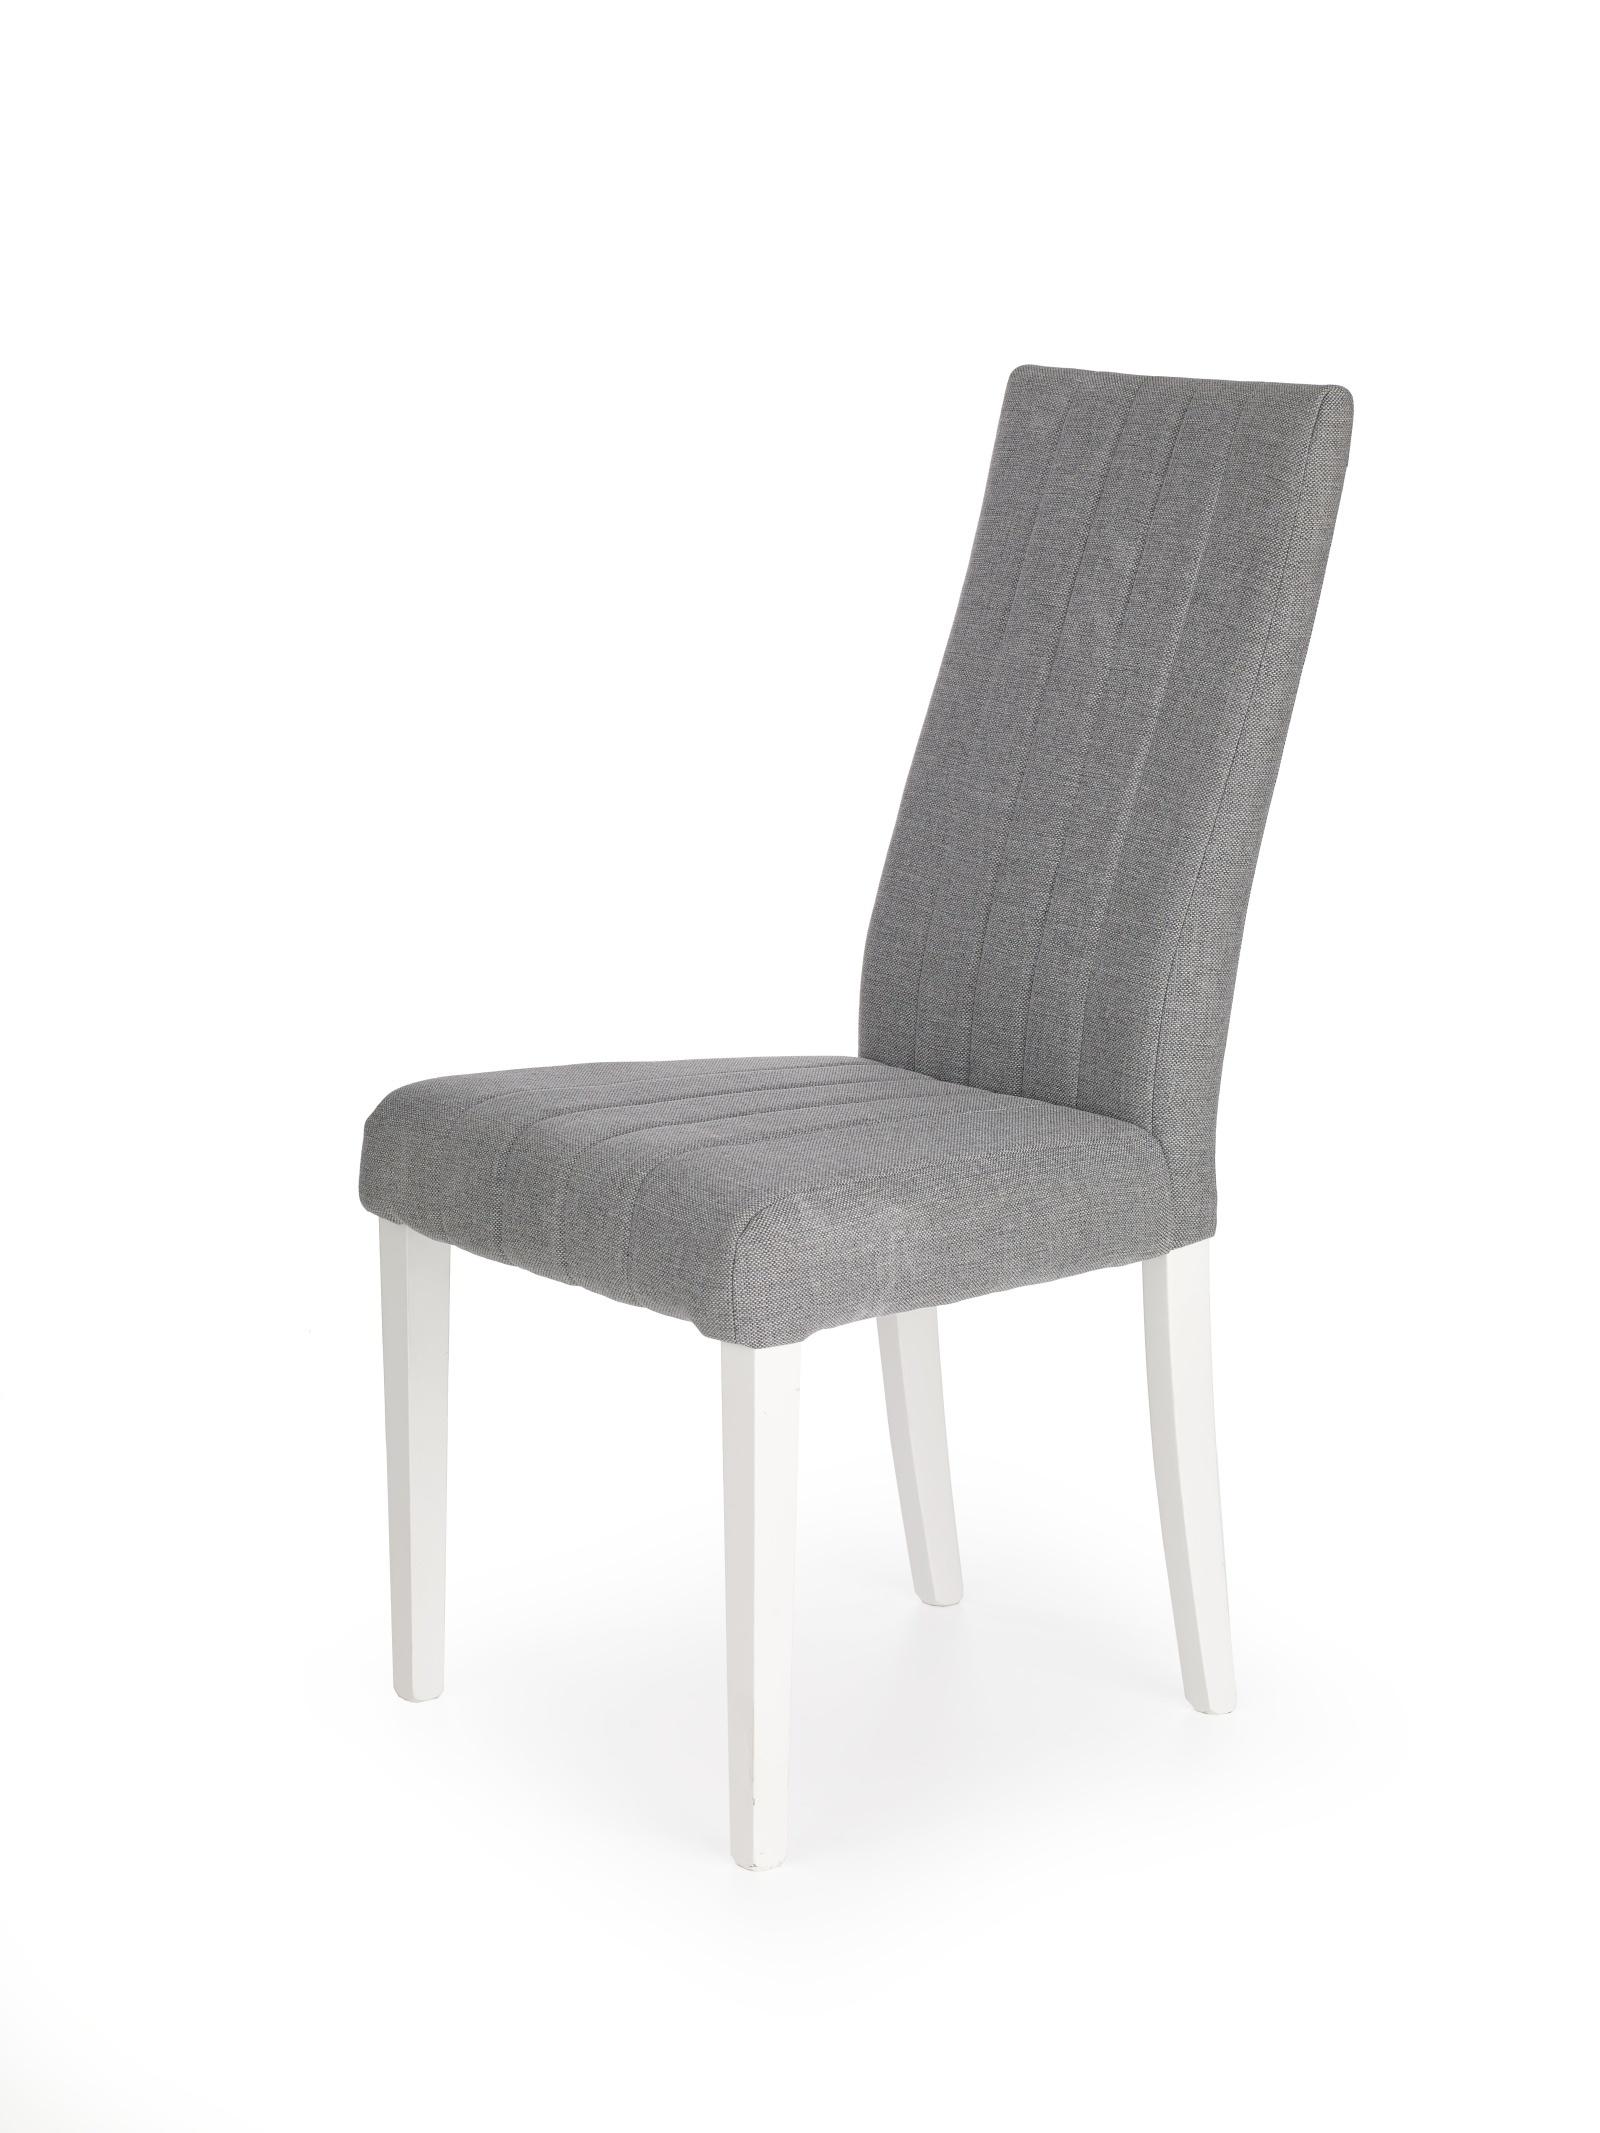 Jídelní židle DIEGO, bílá/světle šedá